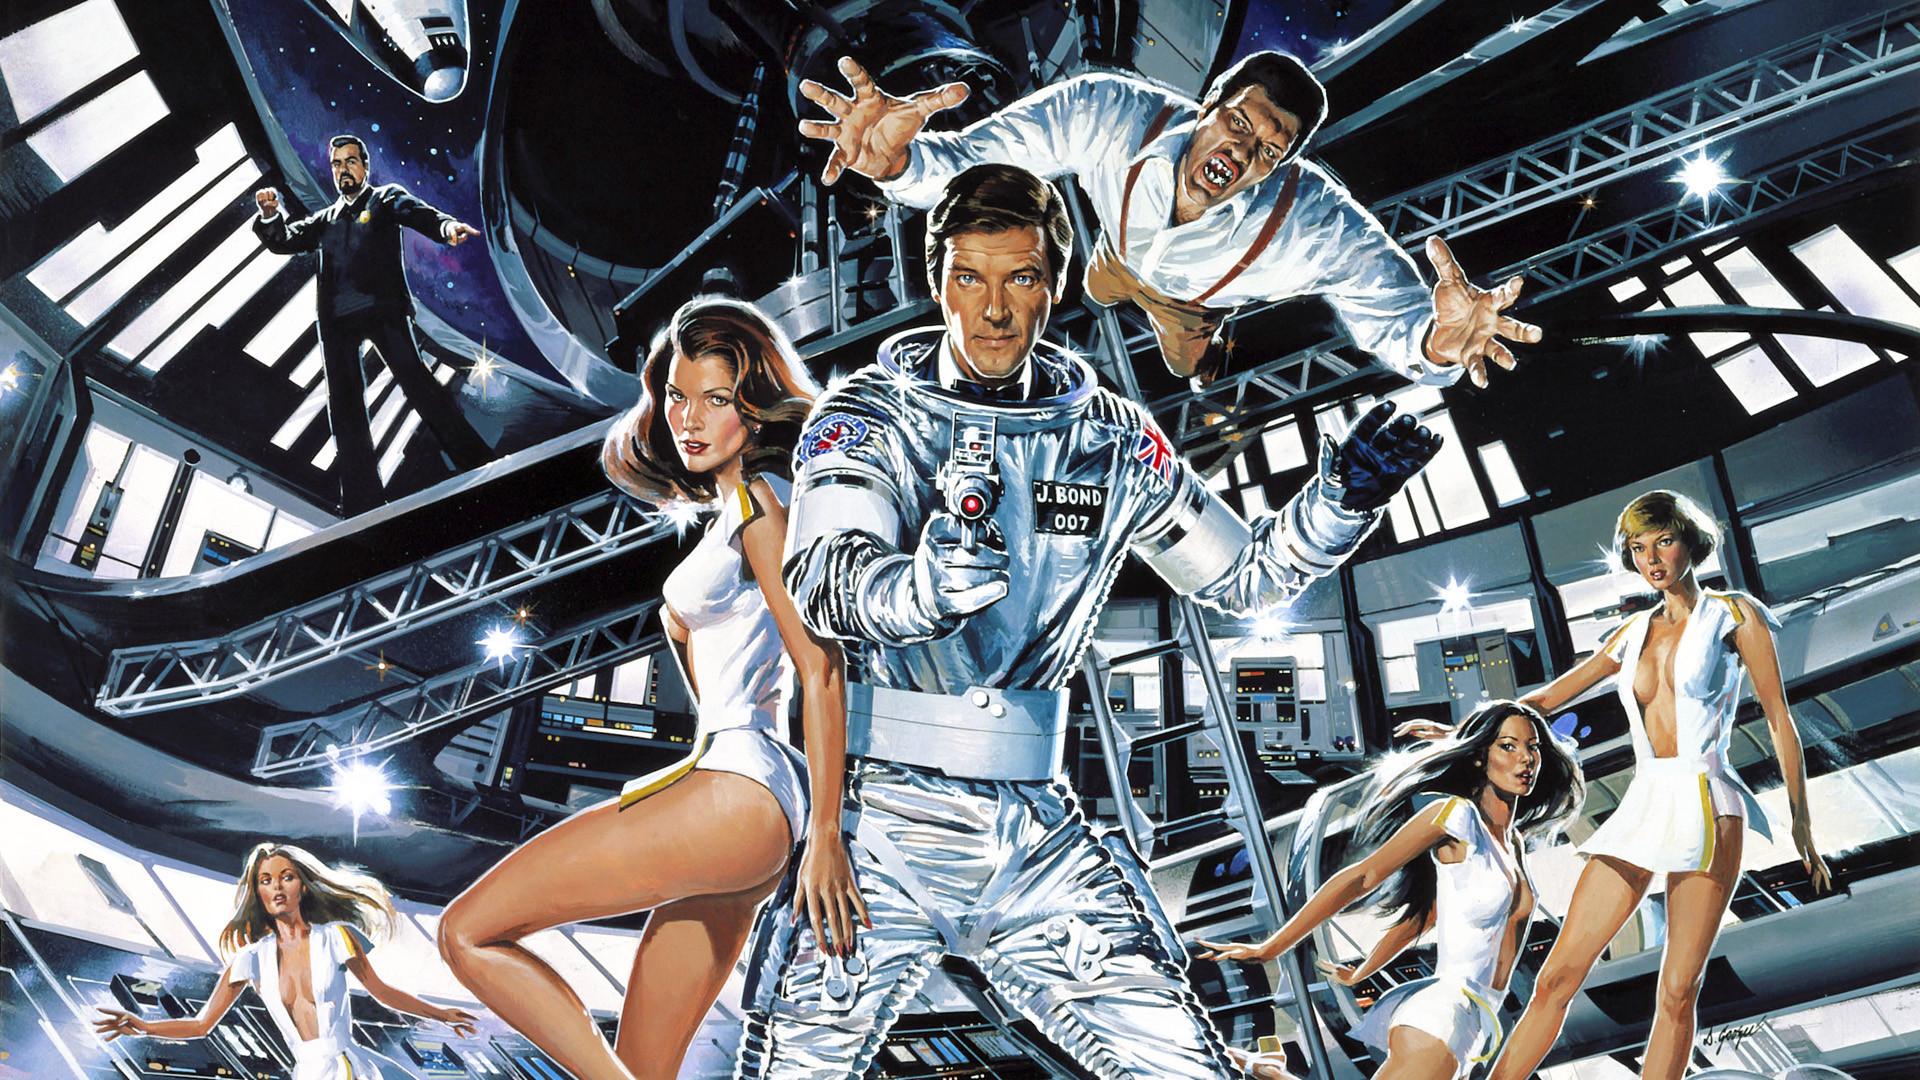 moonraker 007 james bond wallpaper 1920x1080 102328